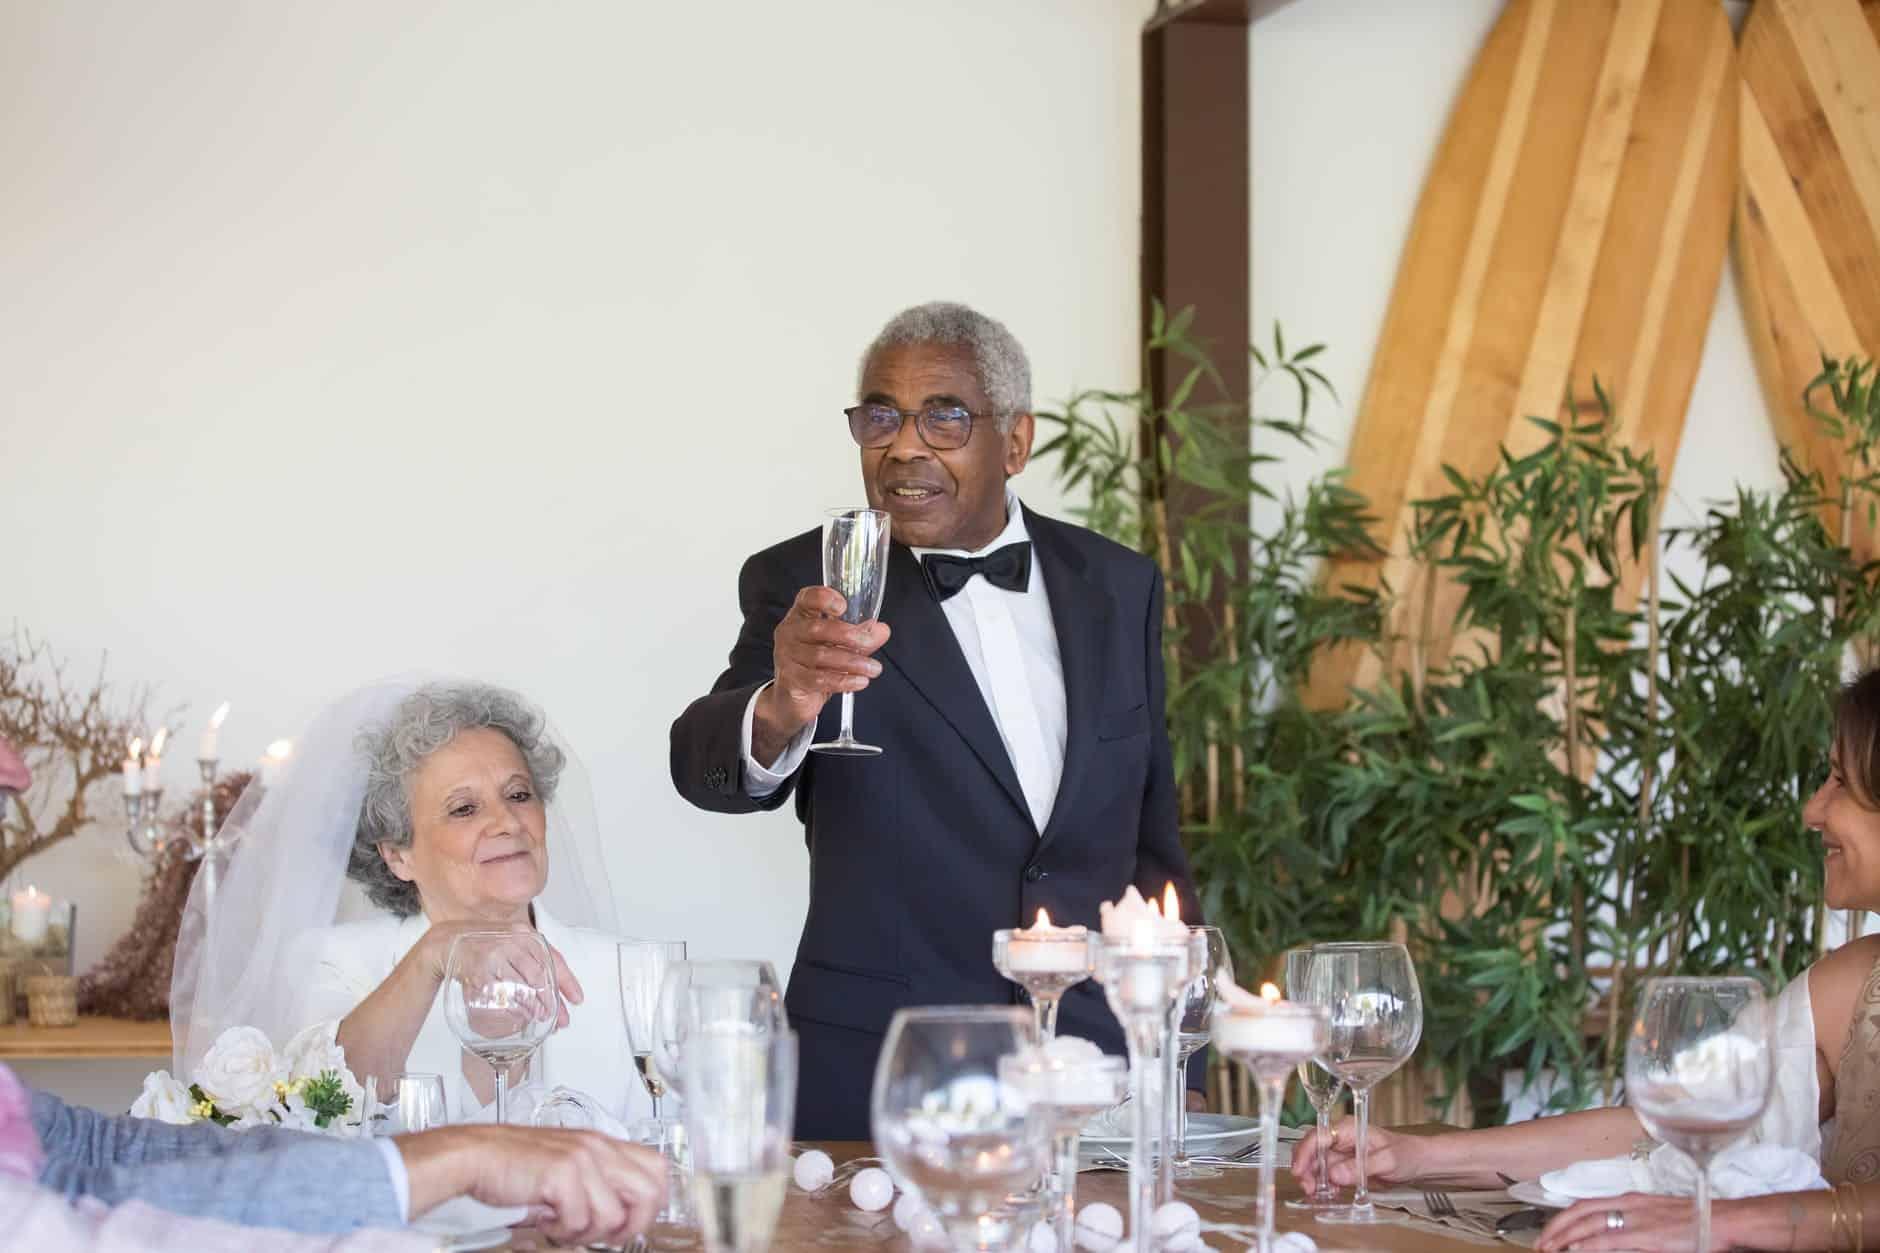 réussir son discours de mariage